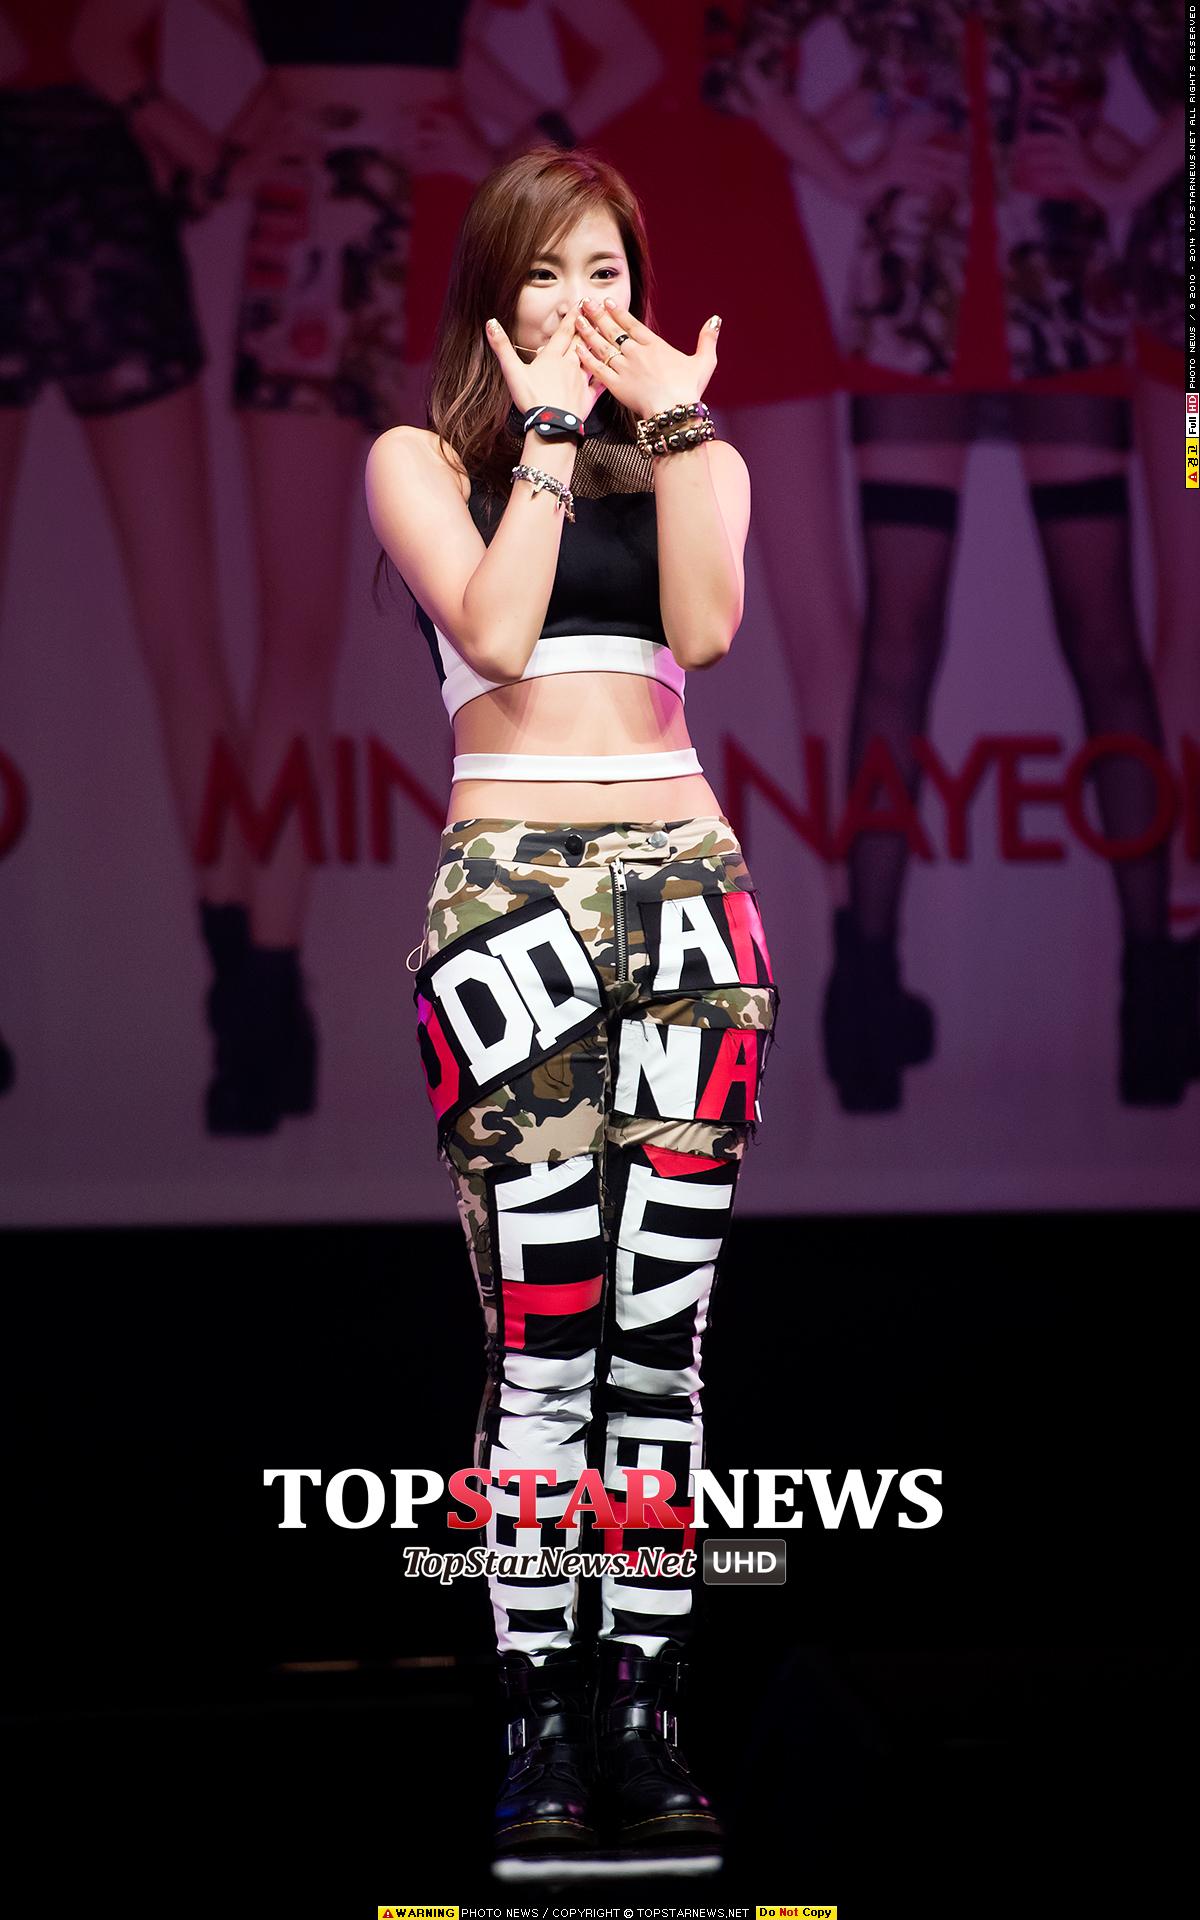 除了天然美女的美貌外,韓國網友也覺得子瑜的腰線很漂亮,大家都認同吧!(大力點頭中)